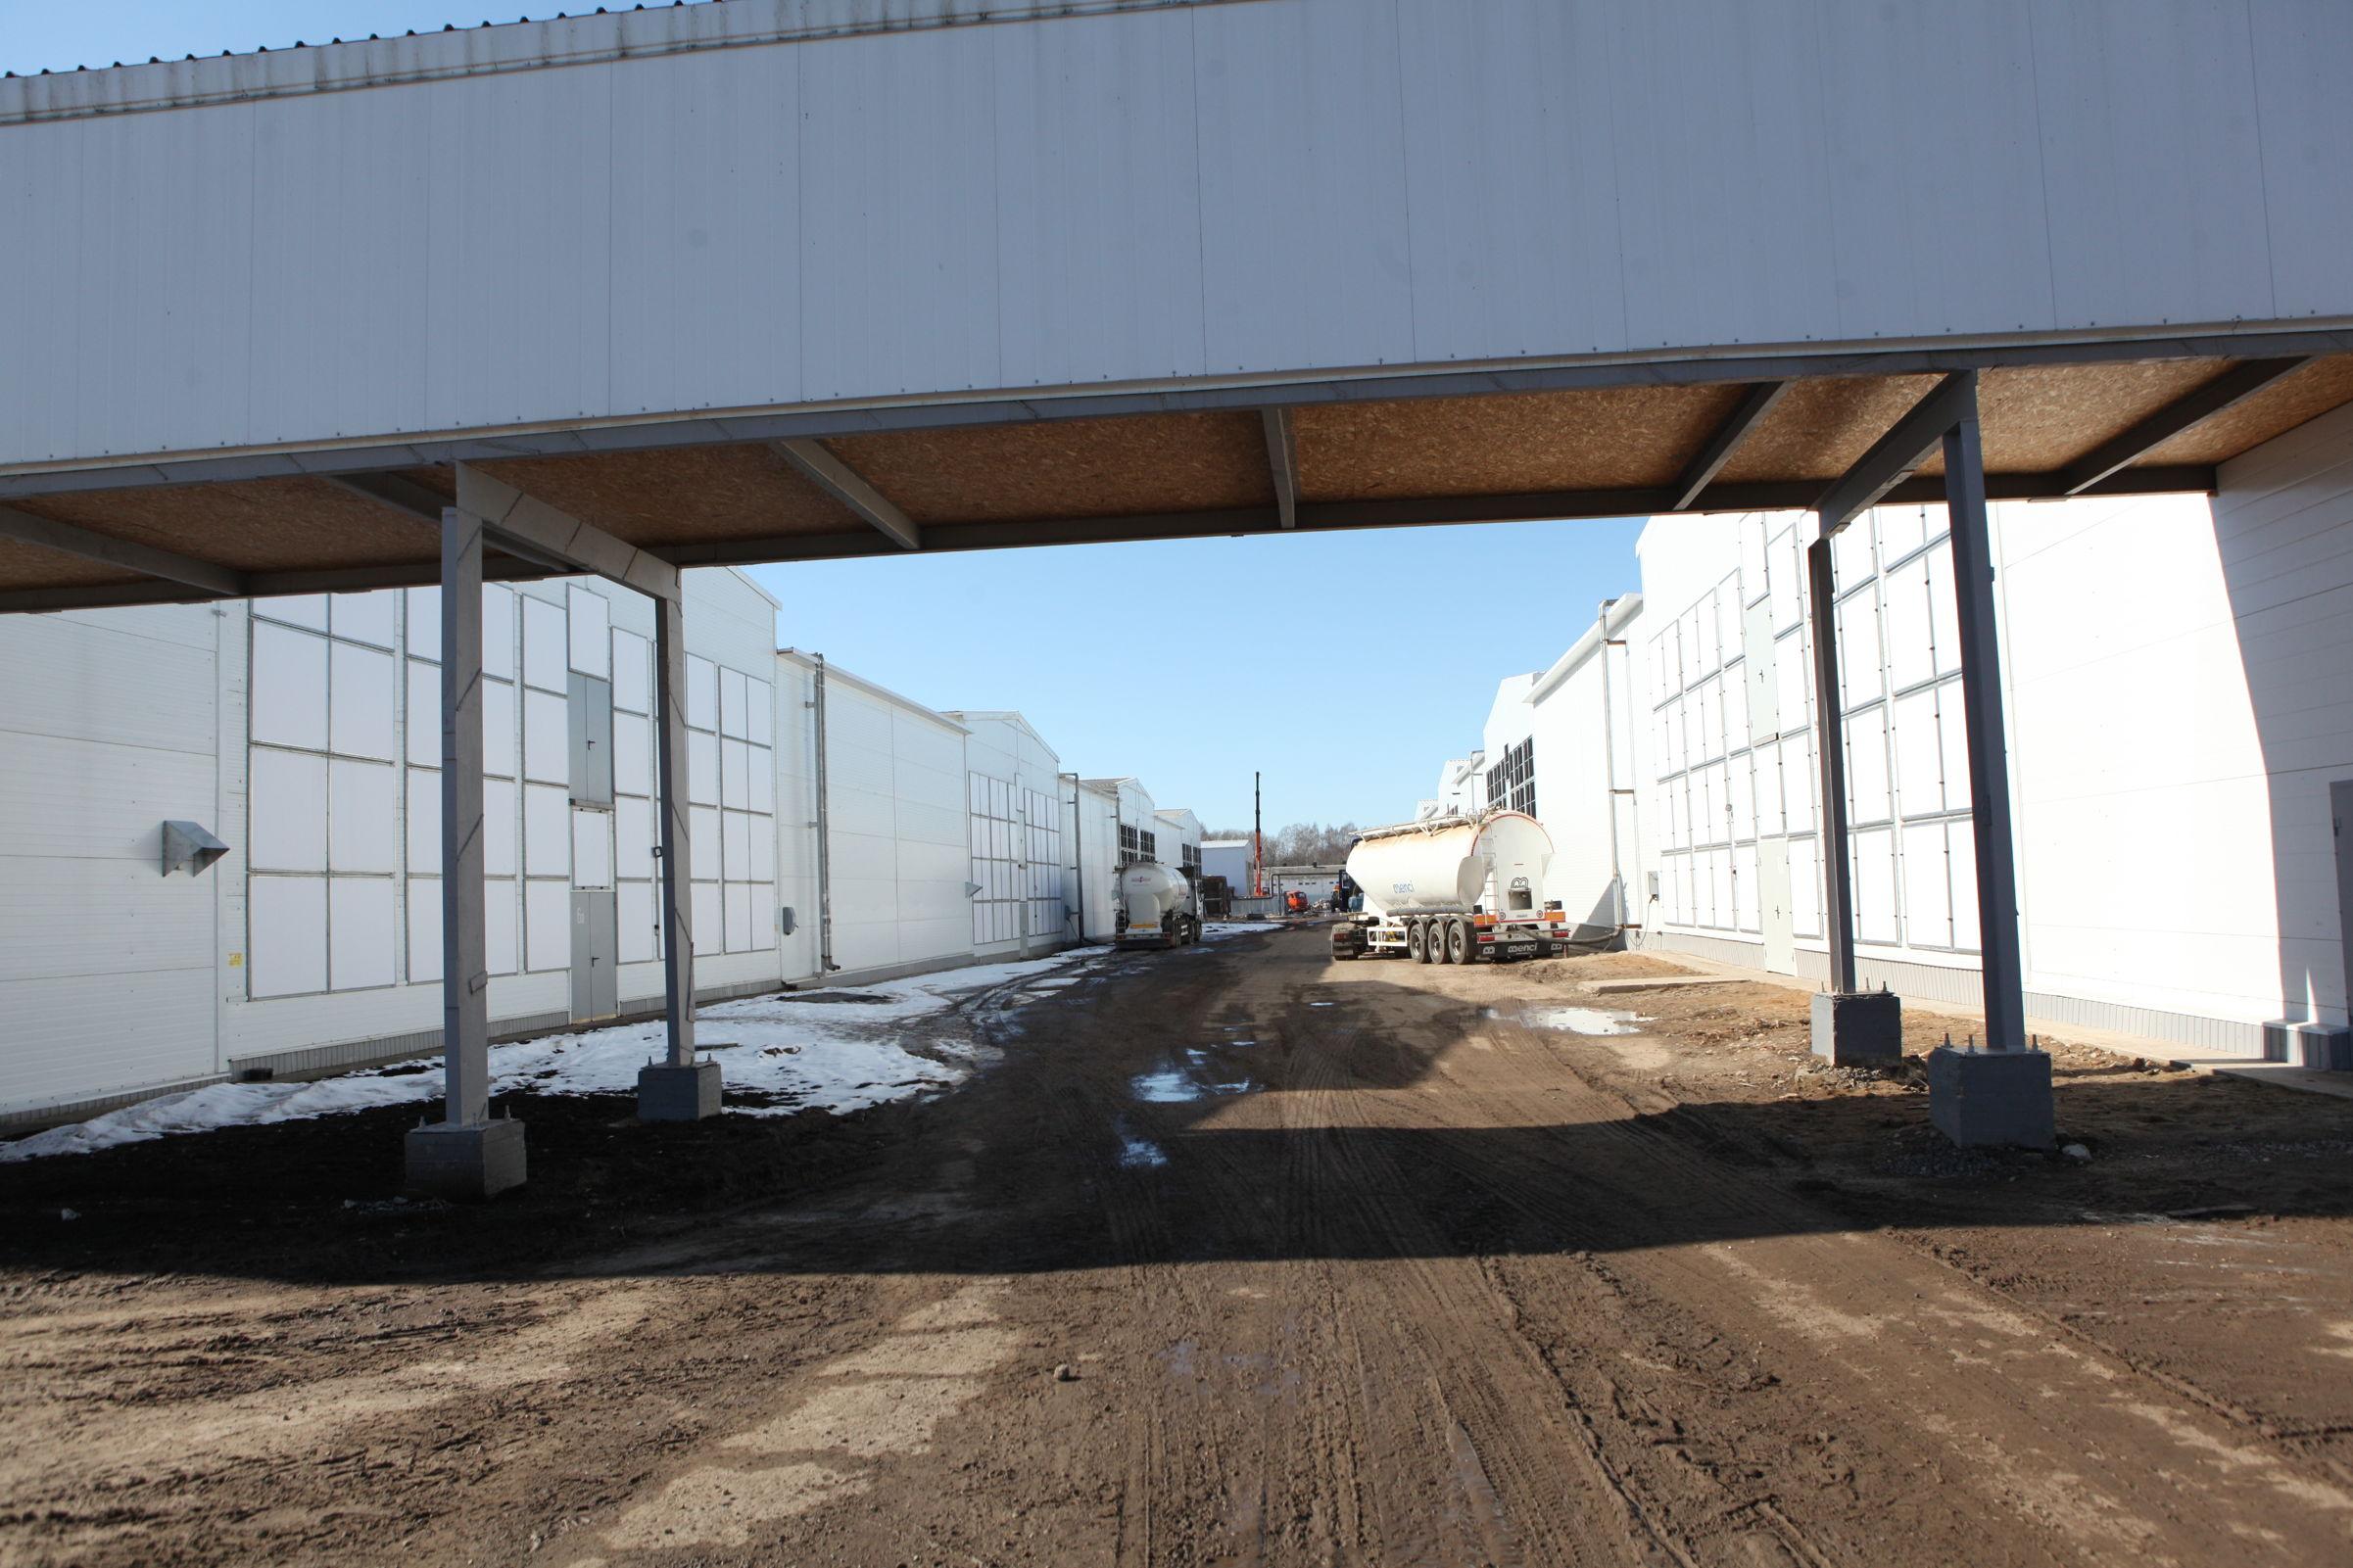 9 приоритетов АПК. Какие задачи выходят на первый план в аграрном секторе